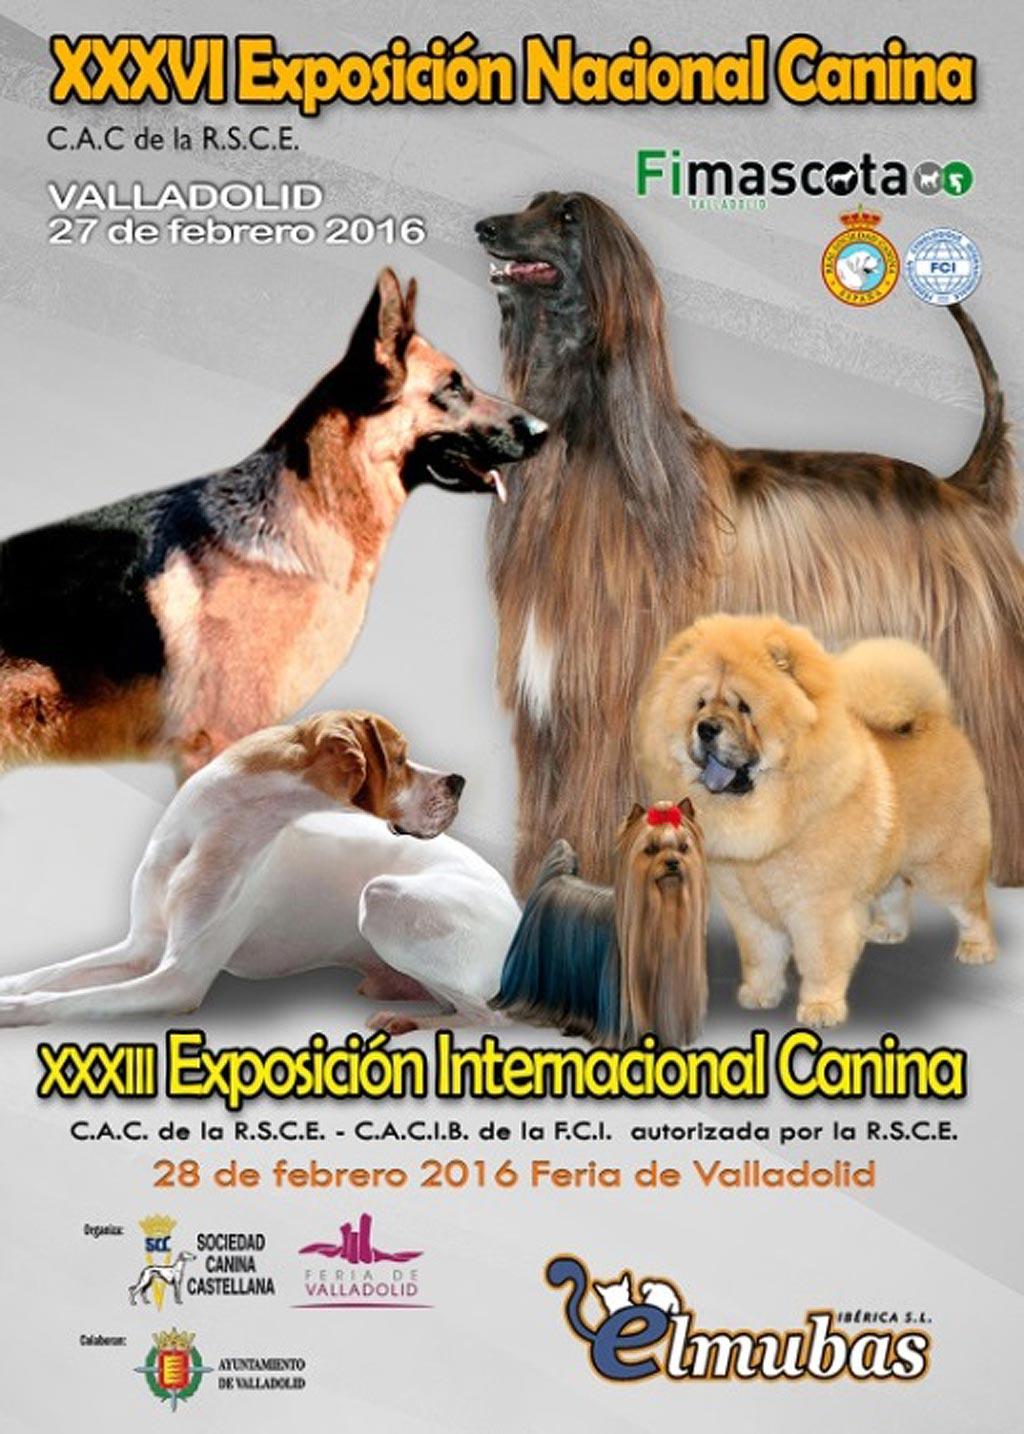 Perros de más de 100 razas participan en la 36ª Exposición Nacional Canina de Valladolid